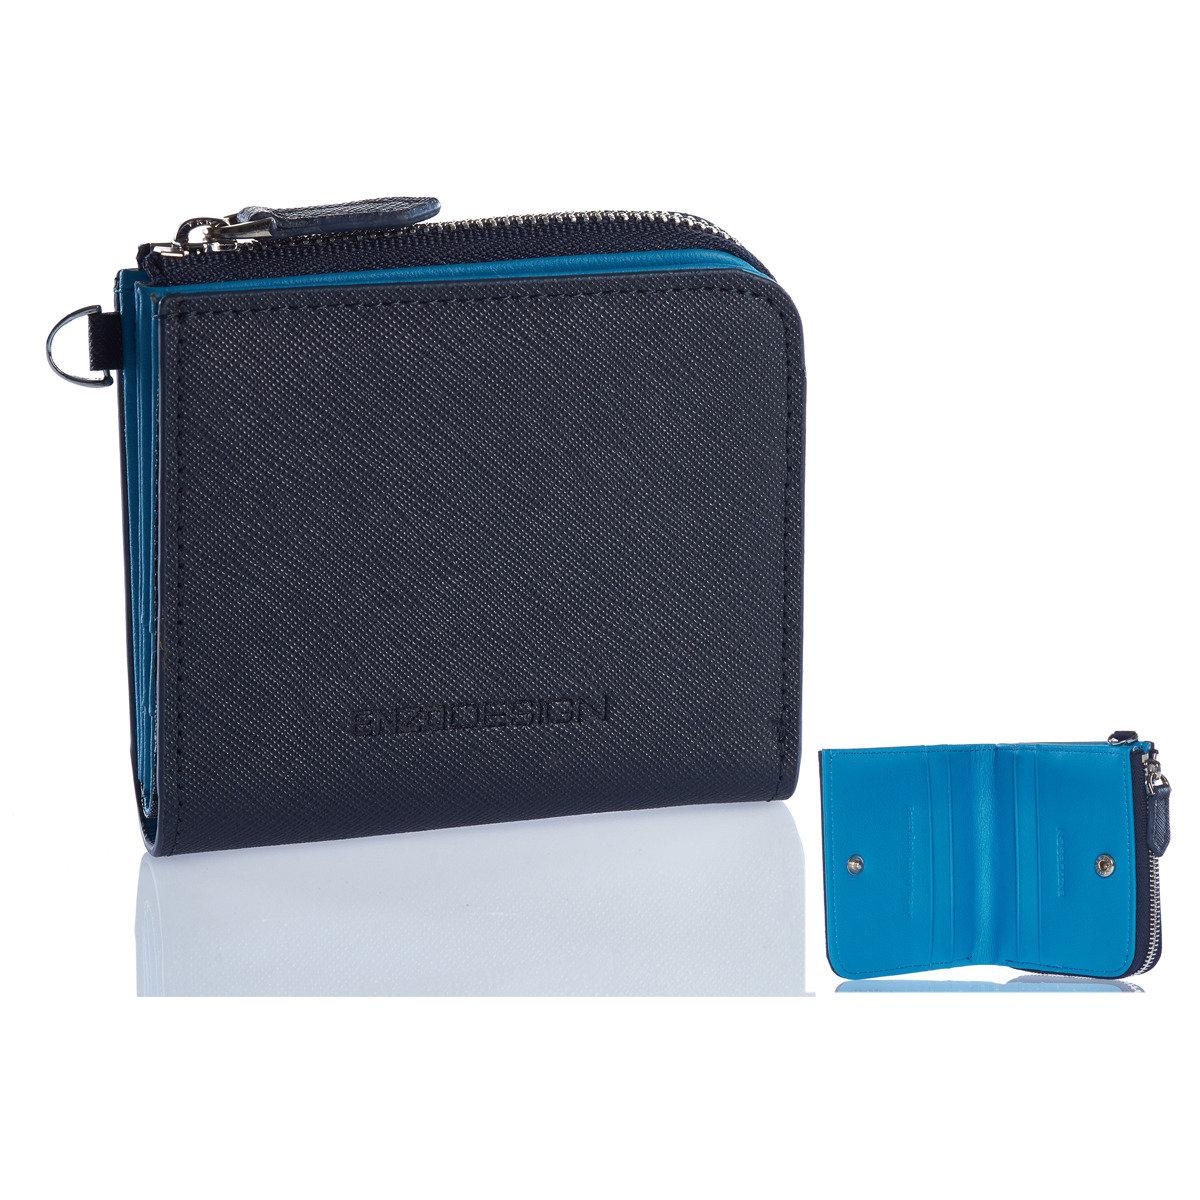 小形全真皮銀包(Saffiano Leather with Soccer boot leather inside)